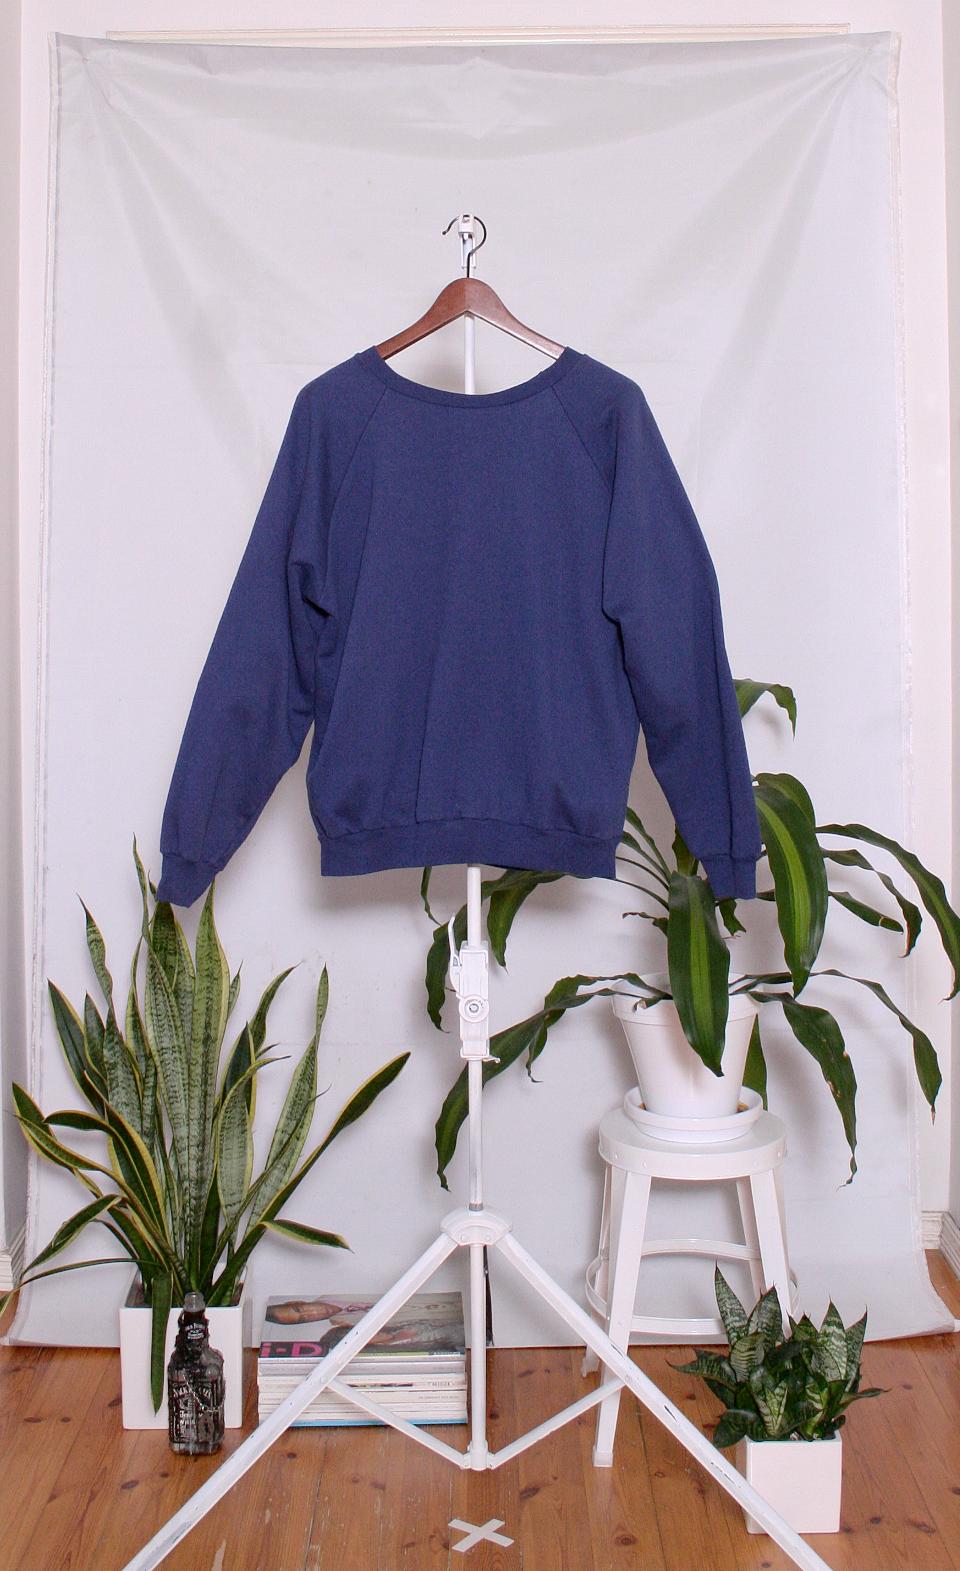 Vintage College Sweater (naisten M / miesten XS-S)